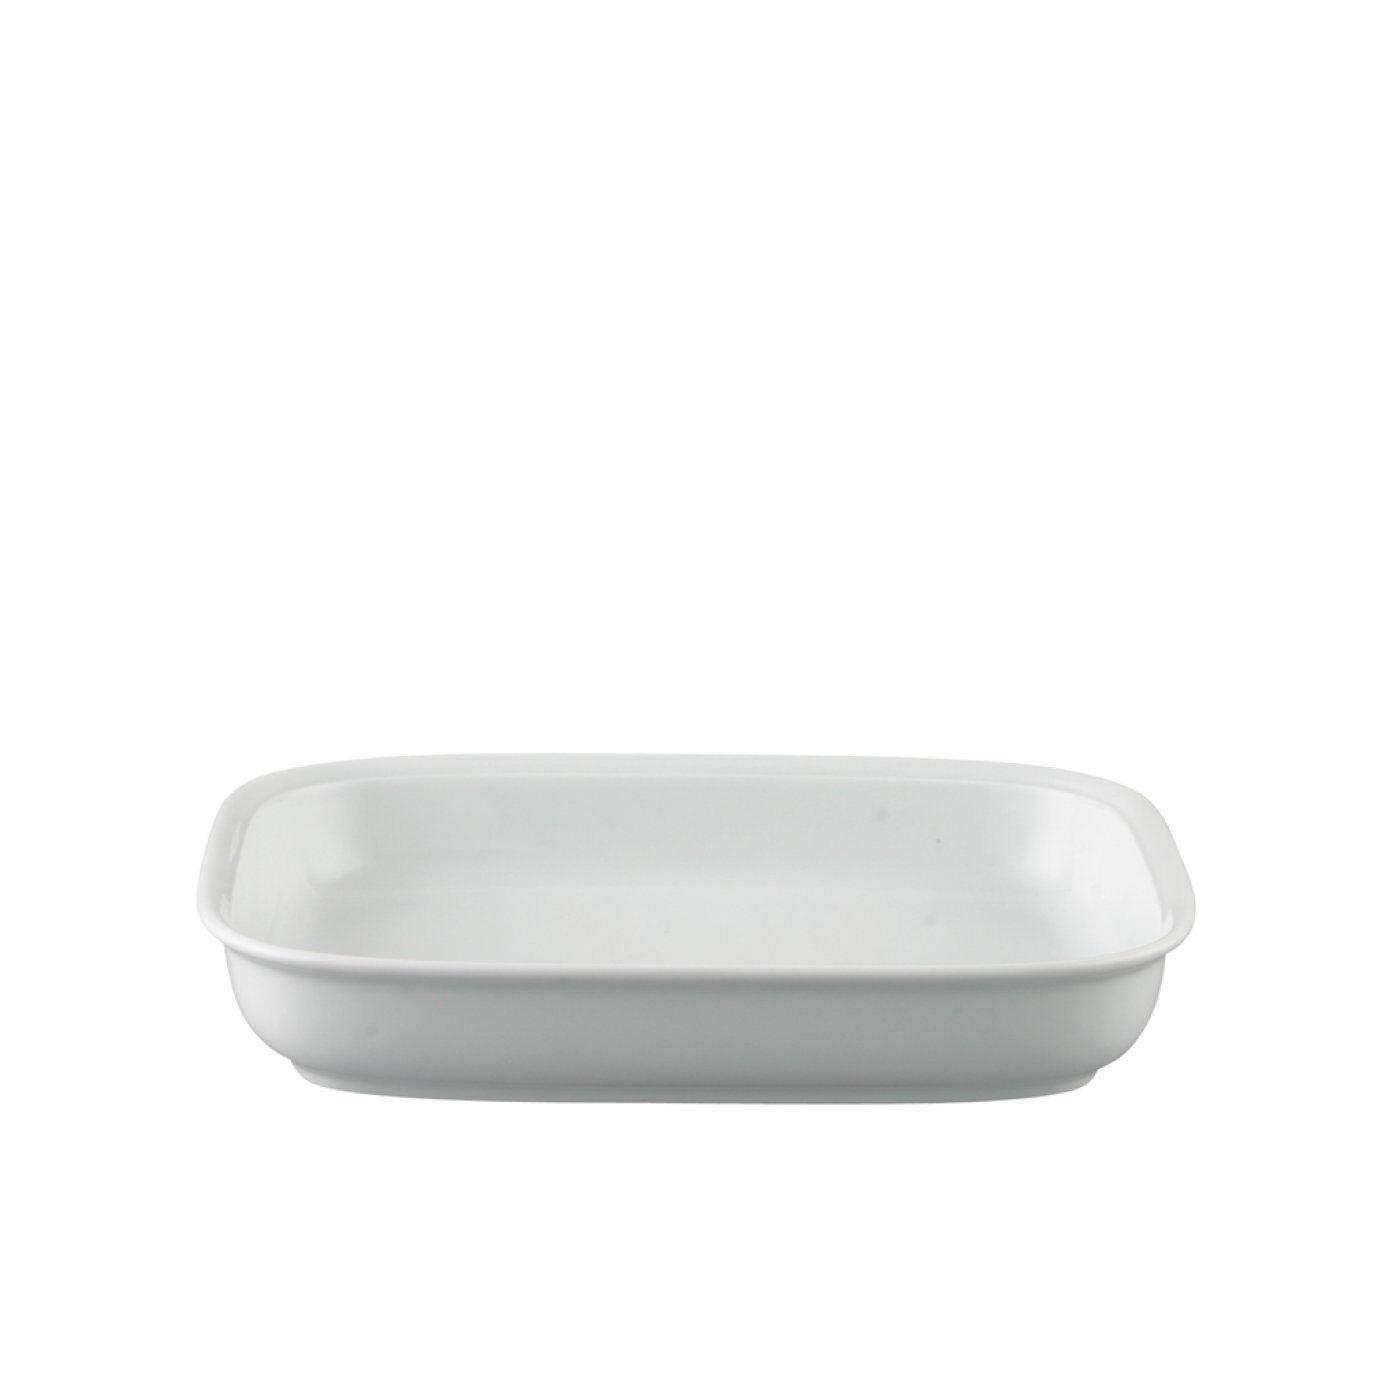 Lasagne 26 cm - Thomas Trend Weiß - 13553 - Weiss - Lasagneform Auflaufform | Deutsche Outlets